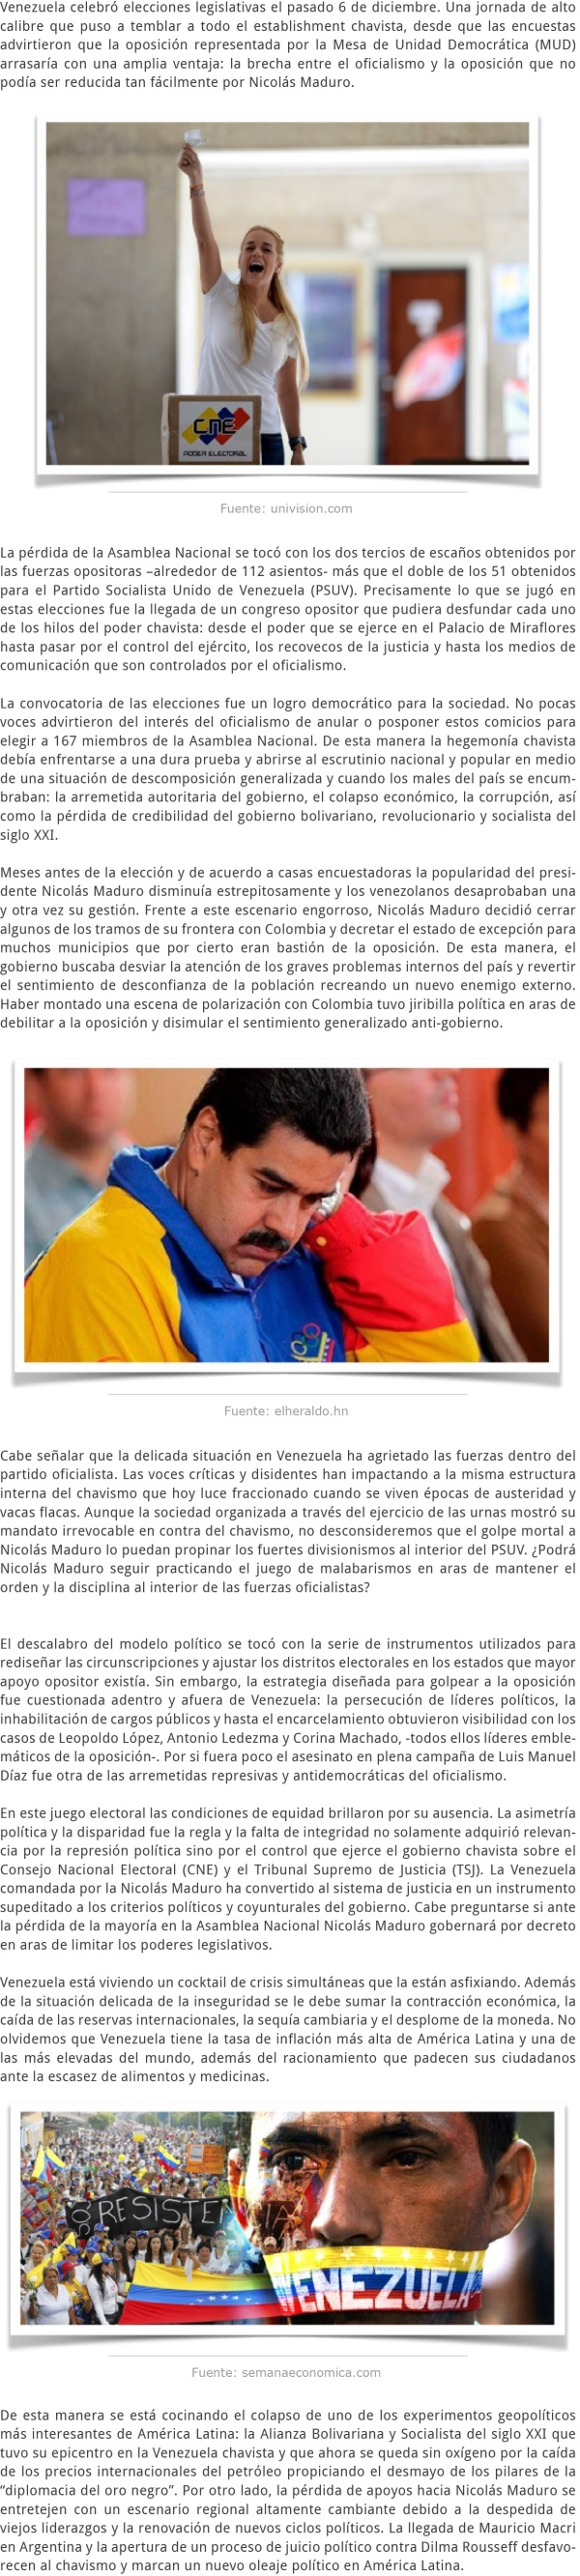 ¿EL PRINCIPIO DEL FIN DEL CHAVISMO EN VENEZUELA